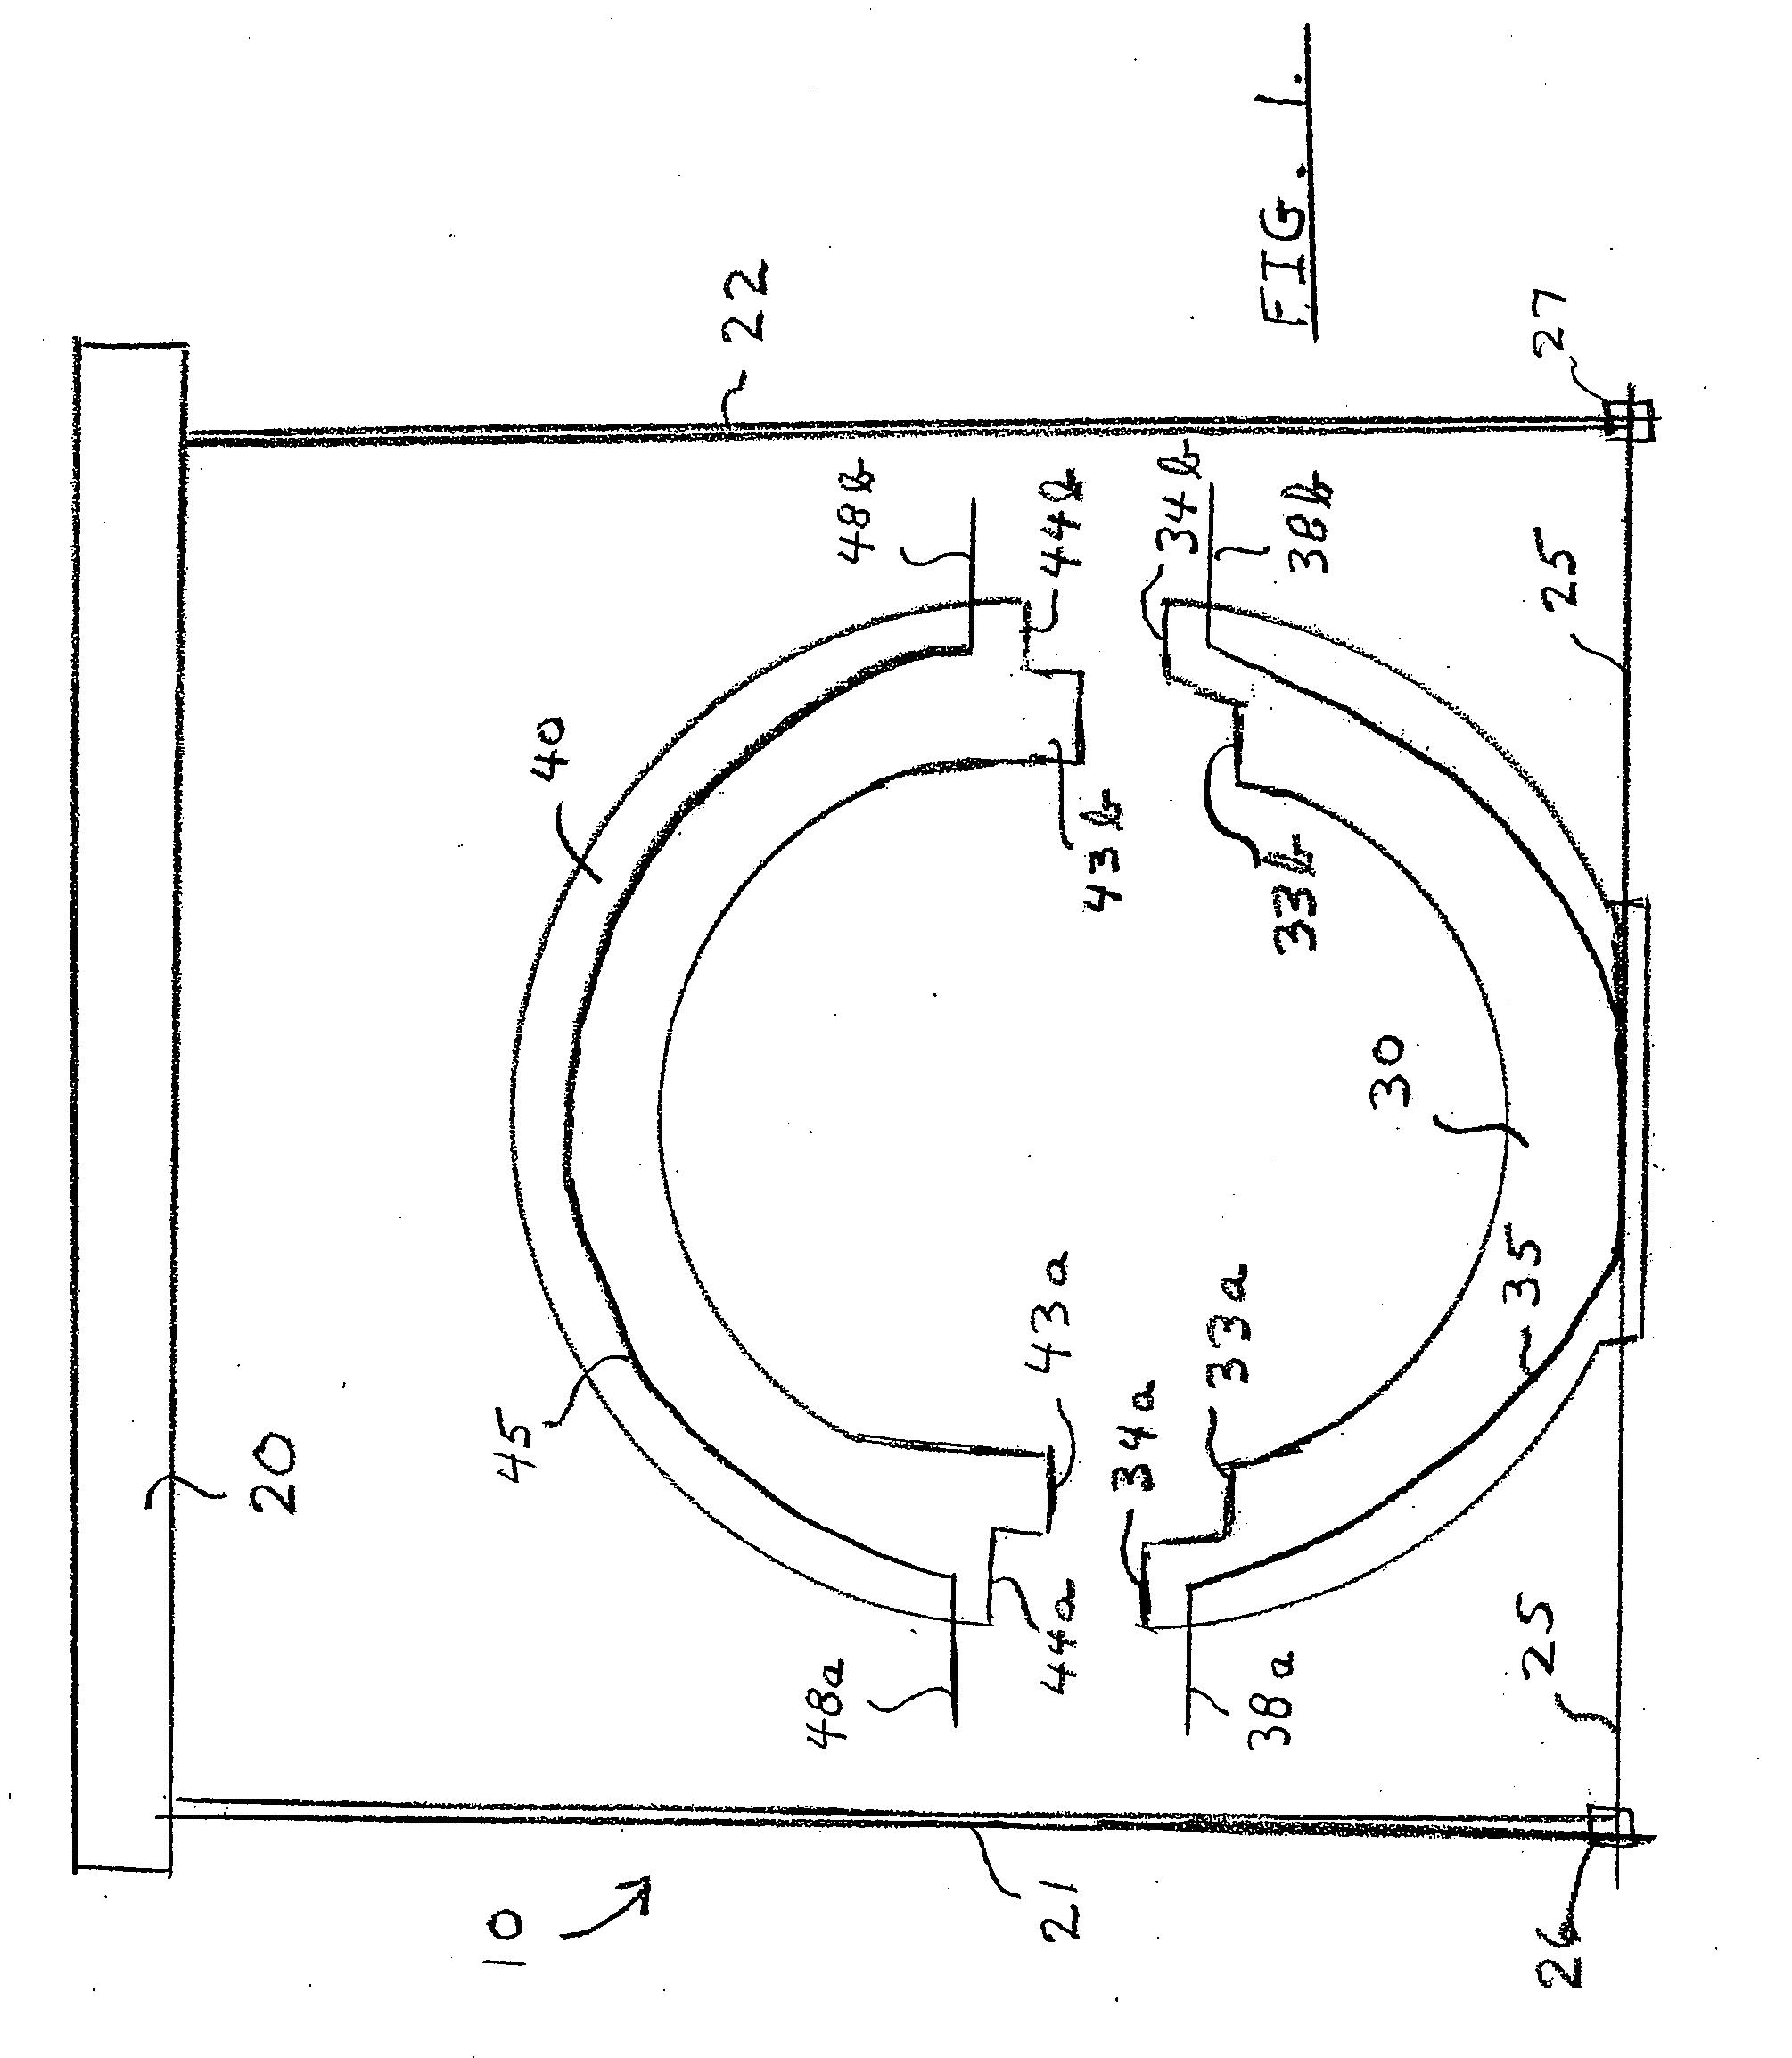 patent us20090188203